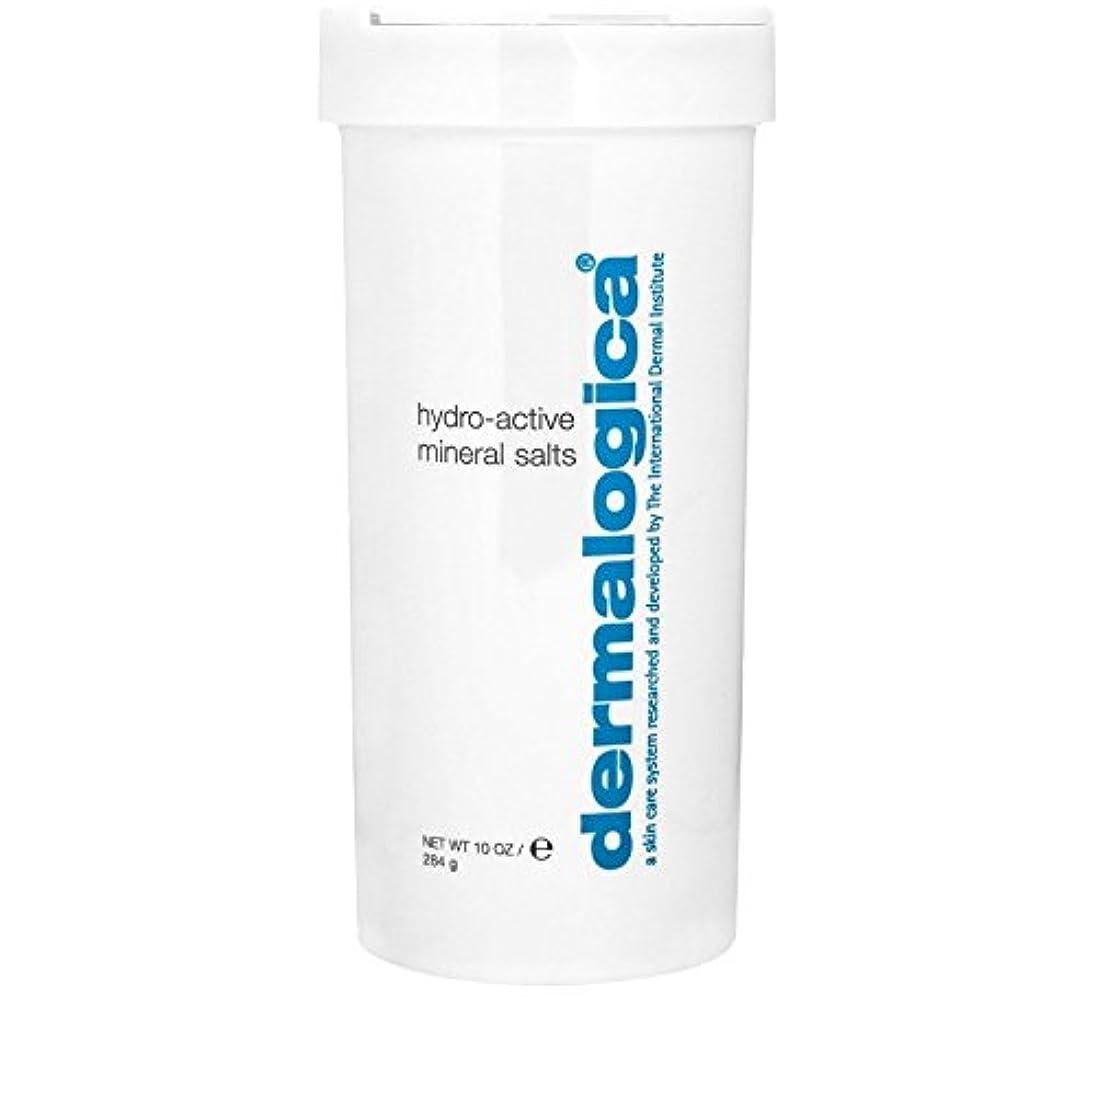 怪物批判するベーカリーDermalogica Hydro Active Mineral Salt 284g (Pack of 6) - ダーマロジカ水力アクティブミネラル塩284グラム x6 [並行輸入品]